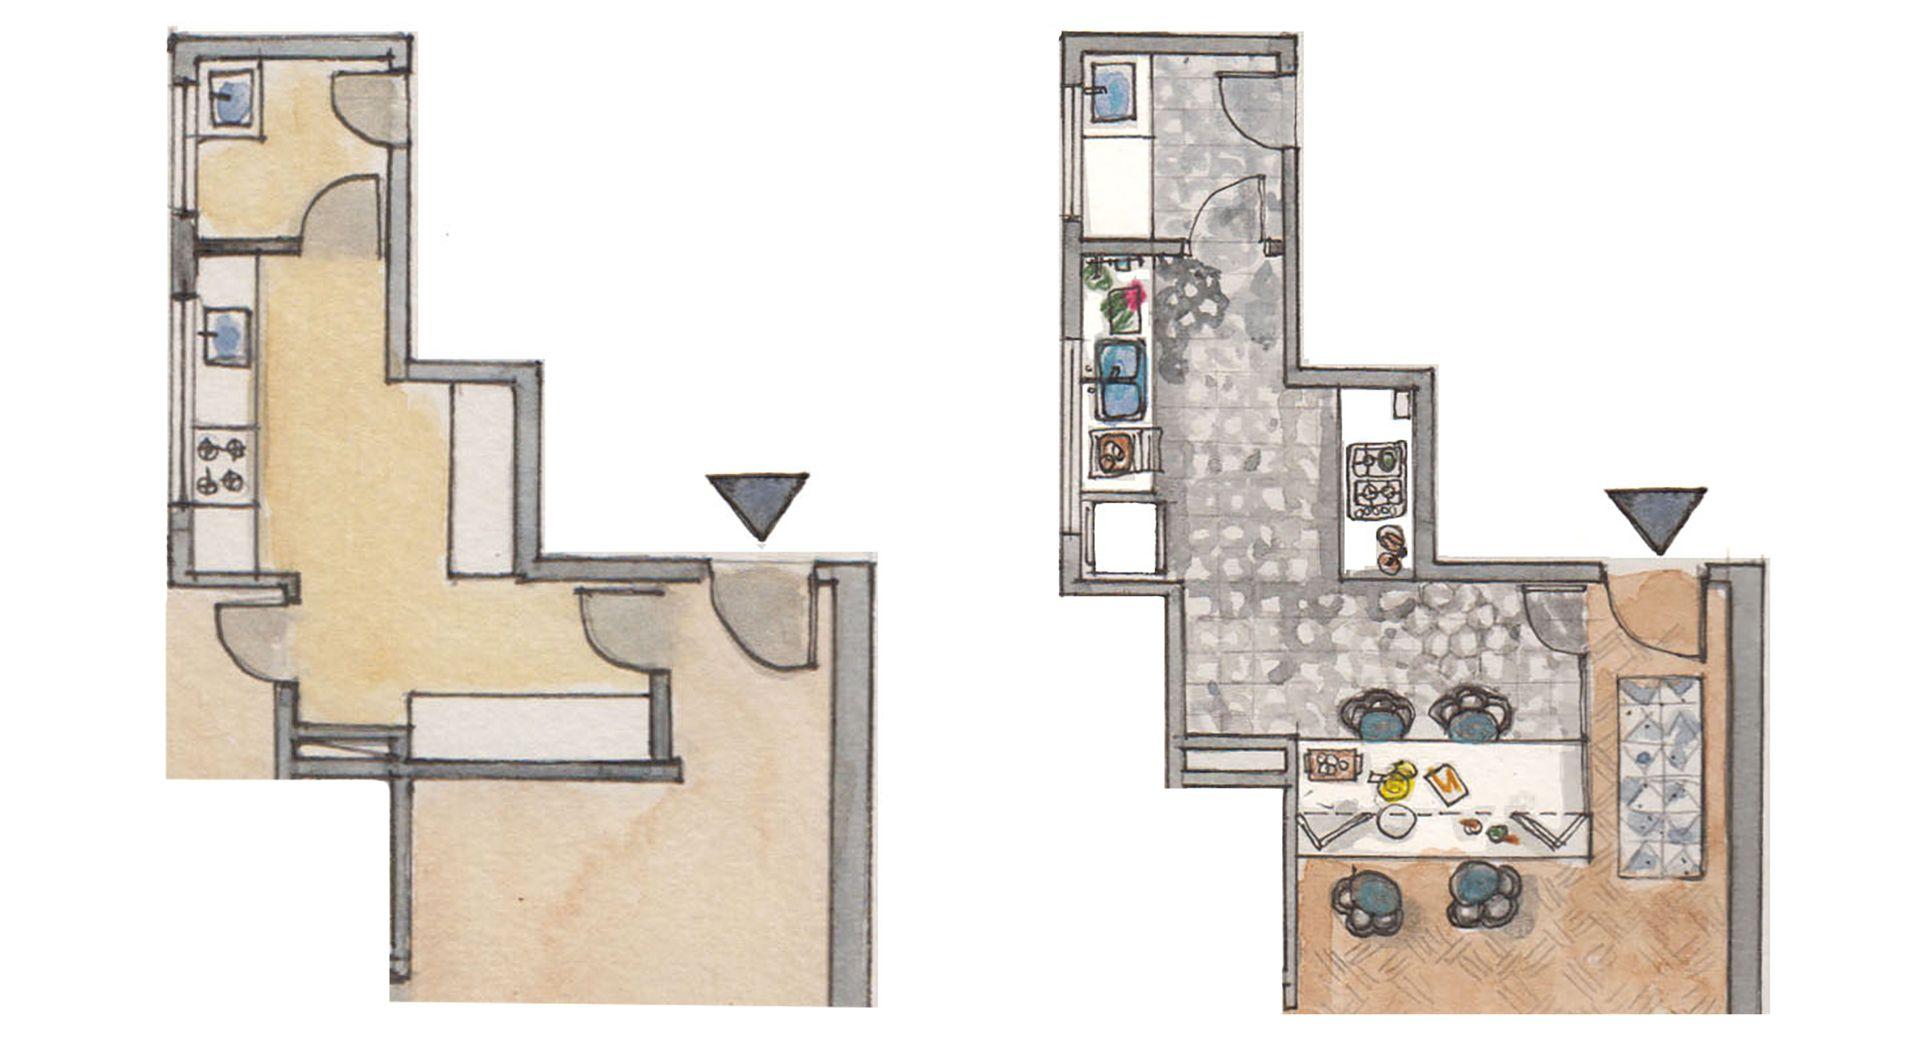 Antes y después. El horno se llevó a la pared opuesta para aumentar el espacio de trabajo, mientras que se tiró la pared que da al living para armar la barra con cerramiento de vidrio plegable. Nuevos muebles, pisos y revestimientos.